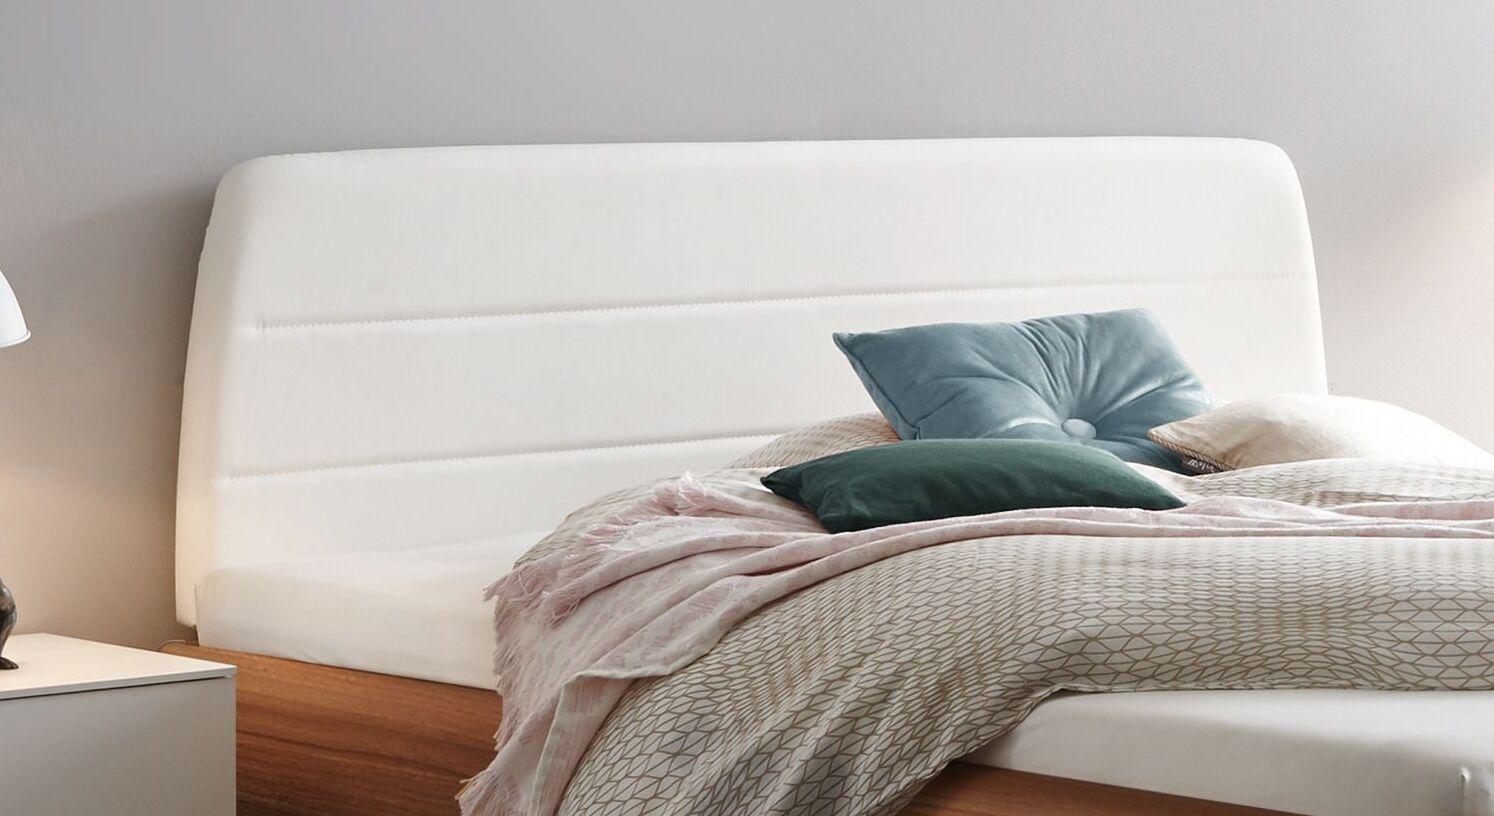 Bett mencia mit Polsterkopfteil mit Kunstleder-Bezug